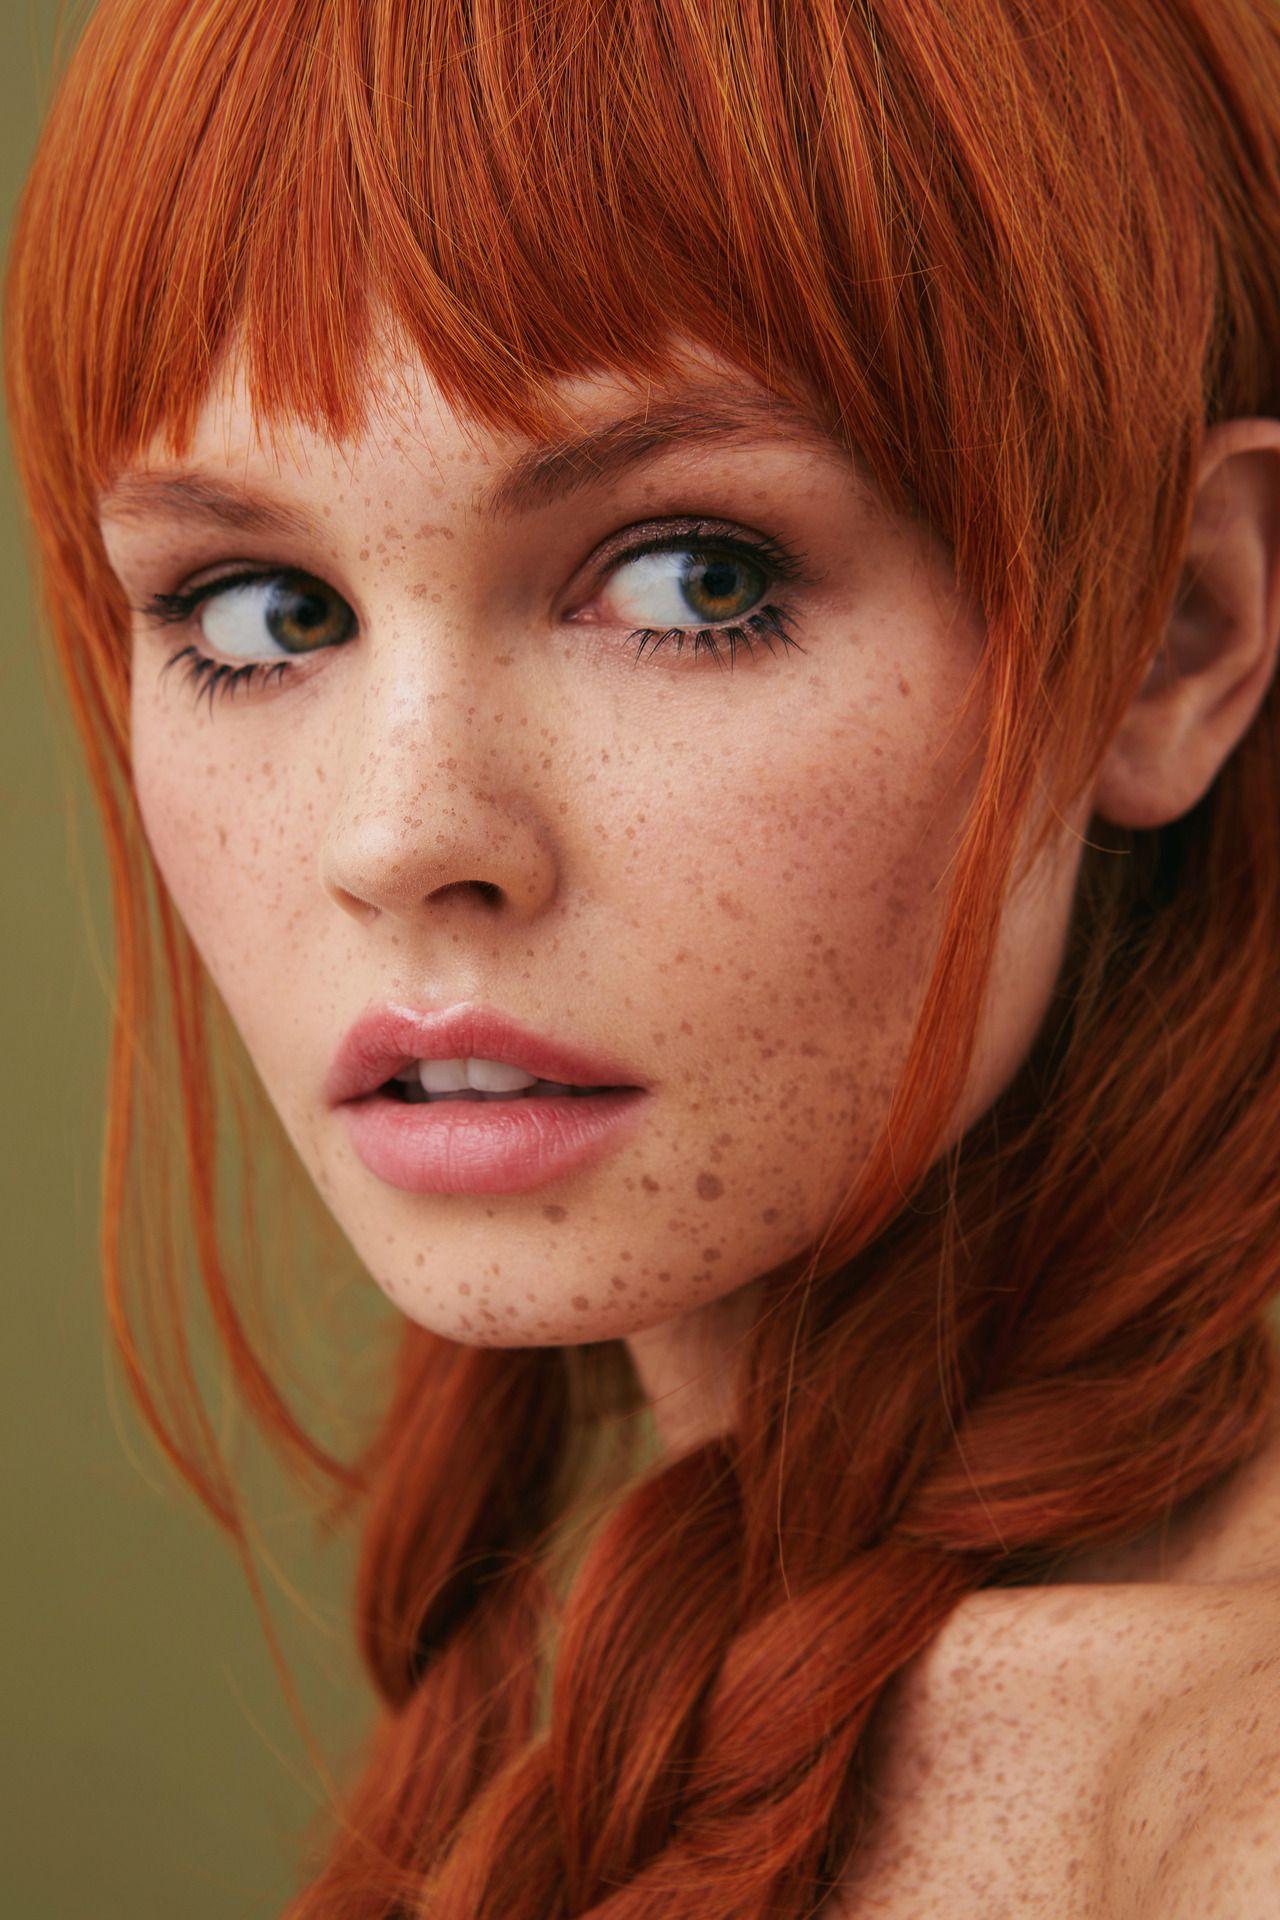 Nose piercing black girl  junctiontlog  kseniya vetrova in   Pinterest  Redheads Red